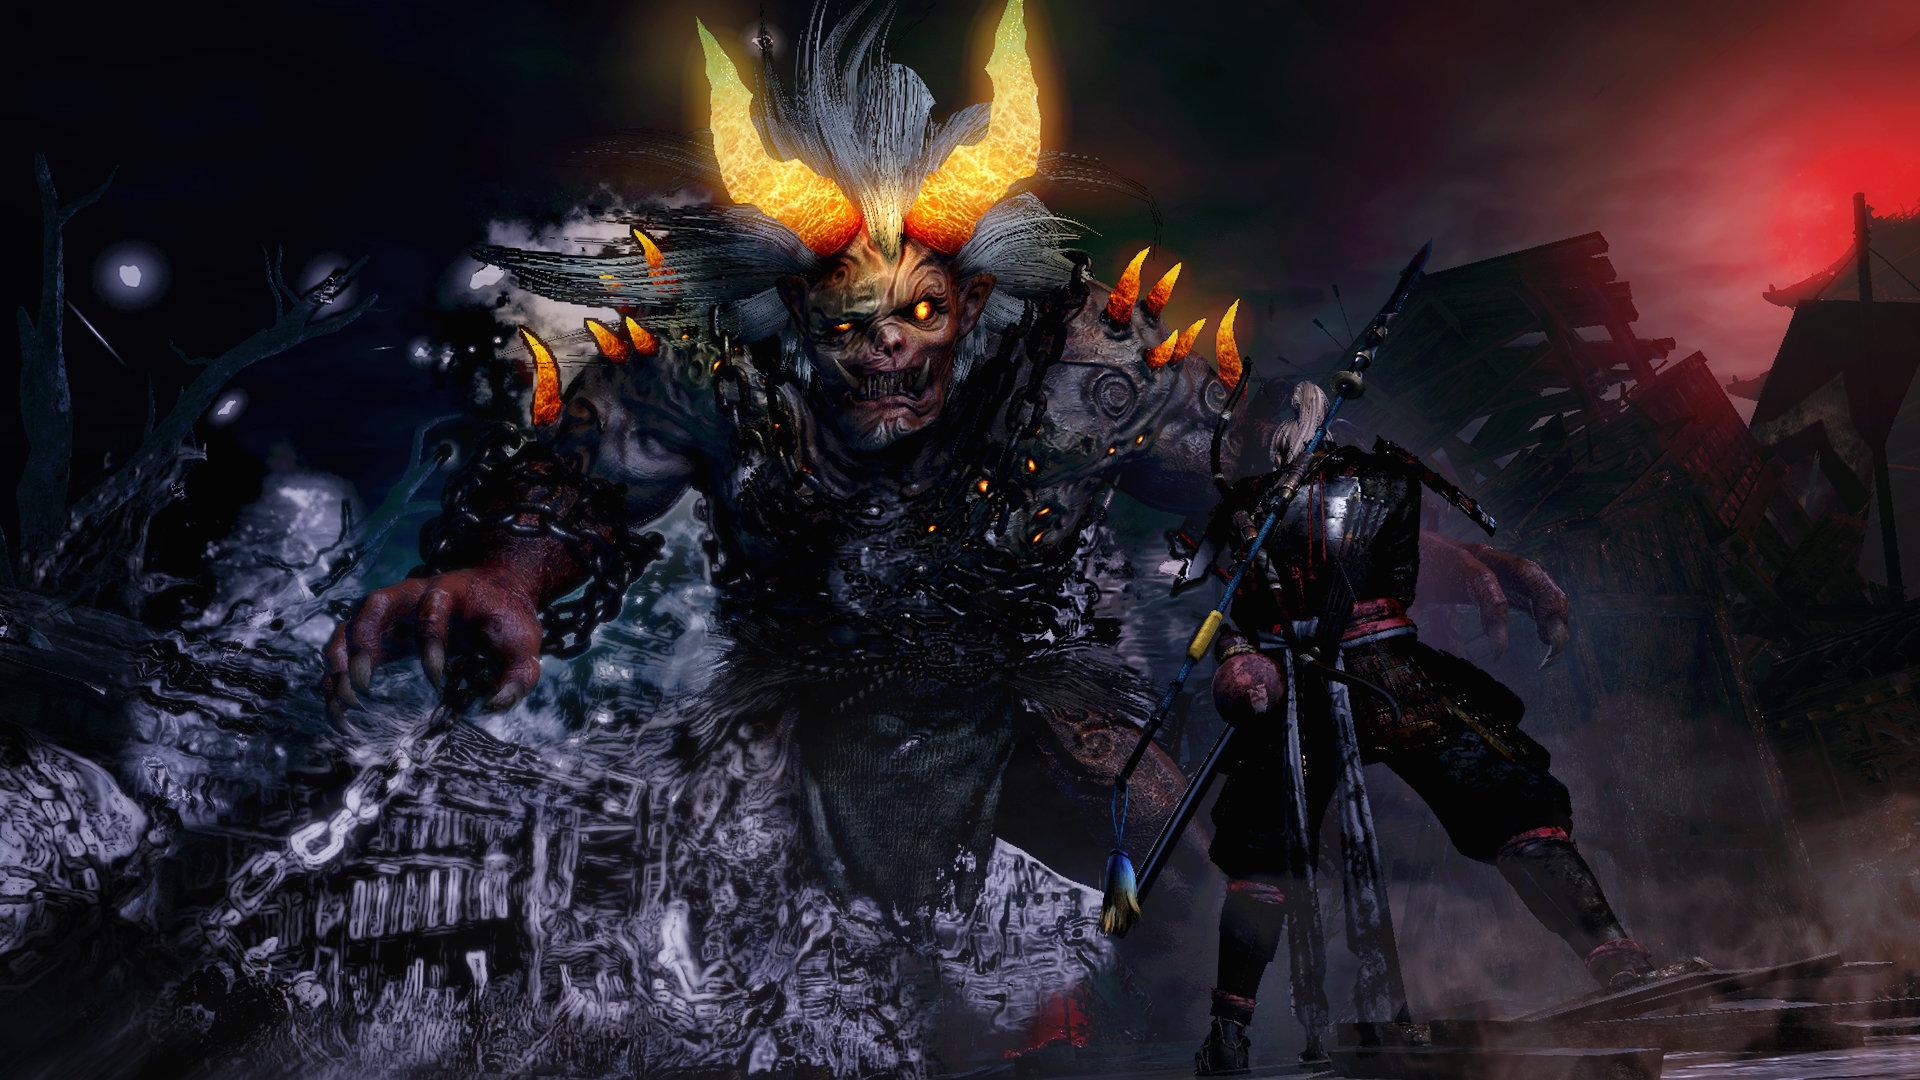 nioh juegos basados en el Japón feudal